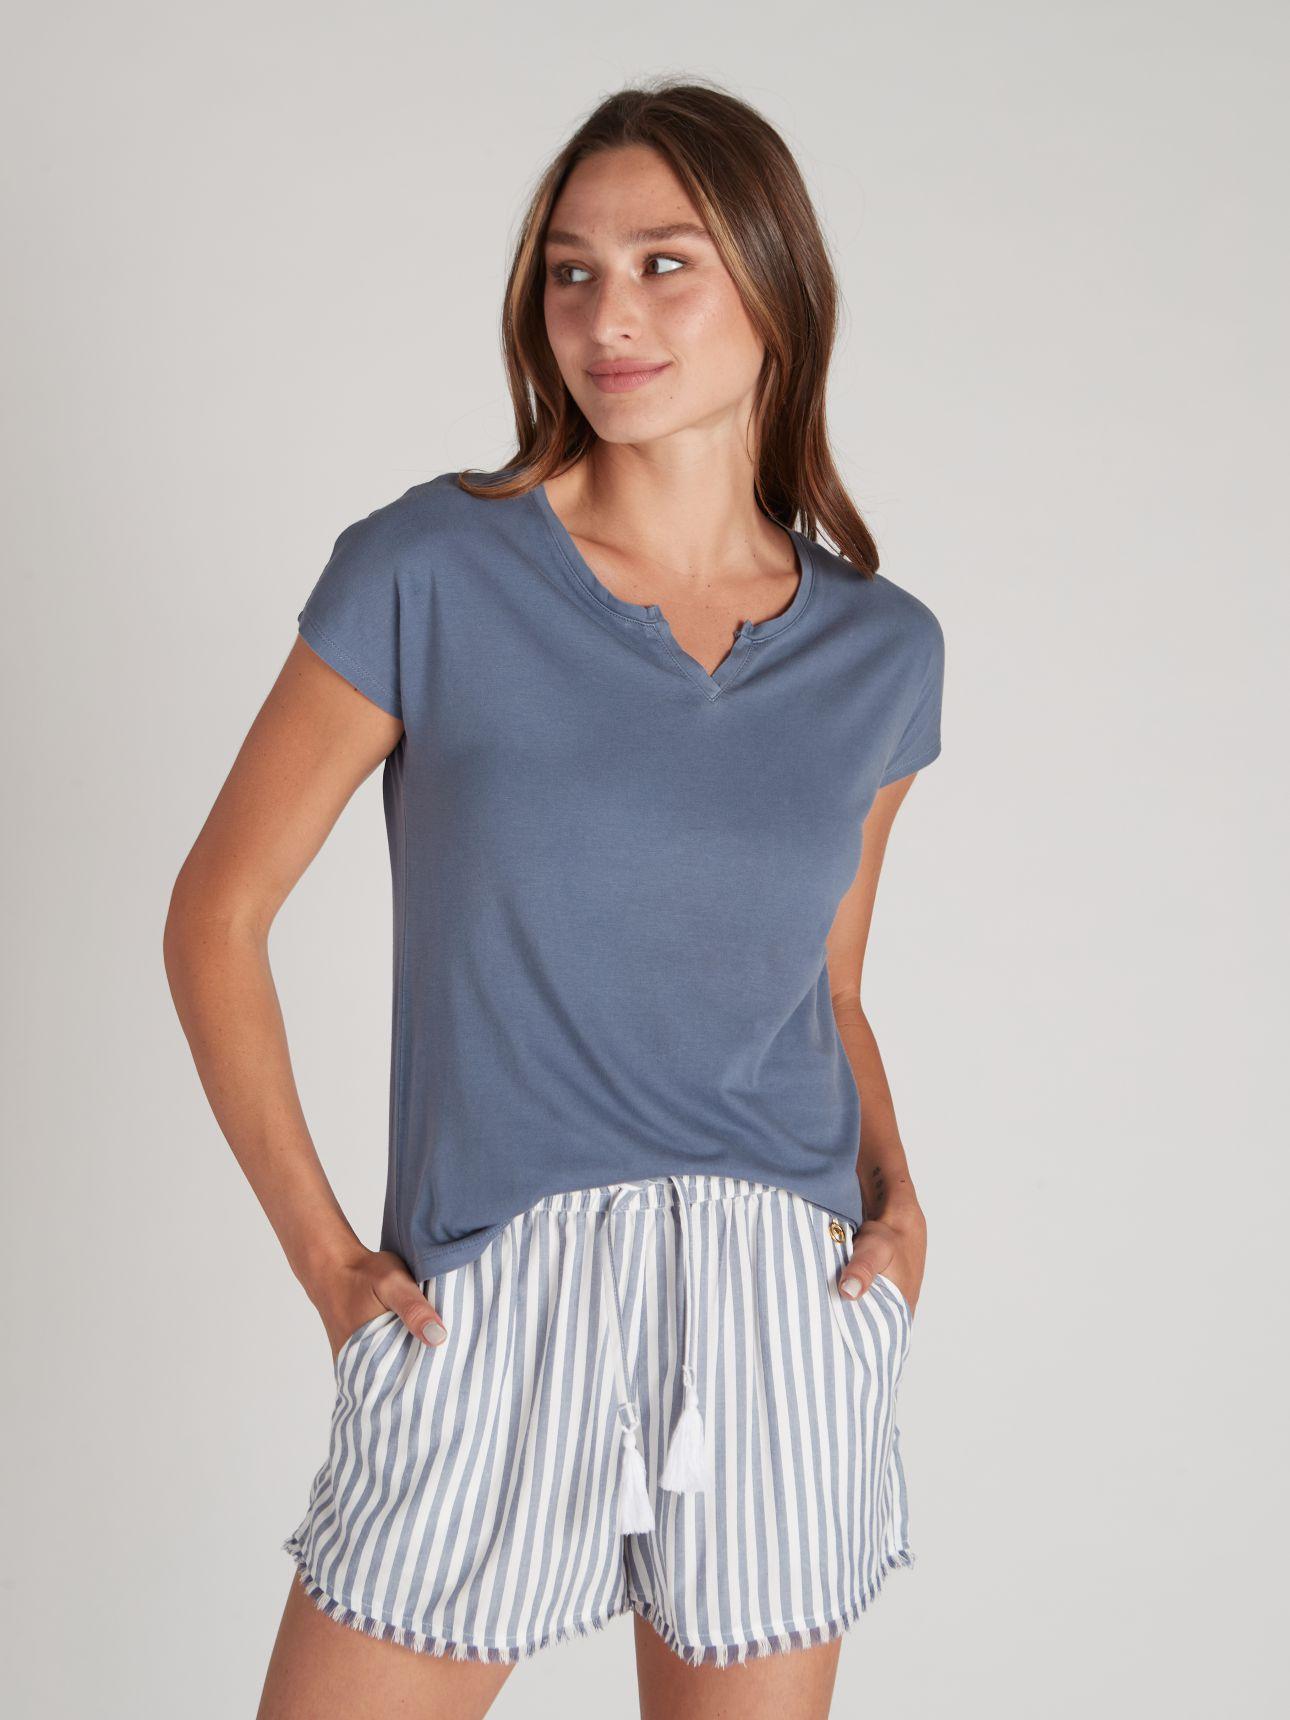 חולצת טי שירט שטופה בצבע כחול